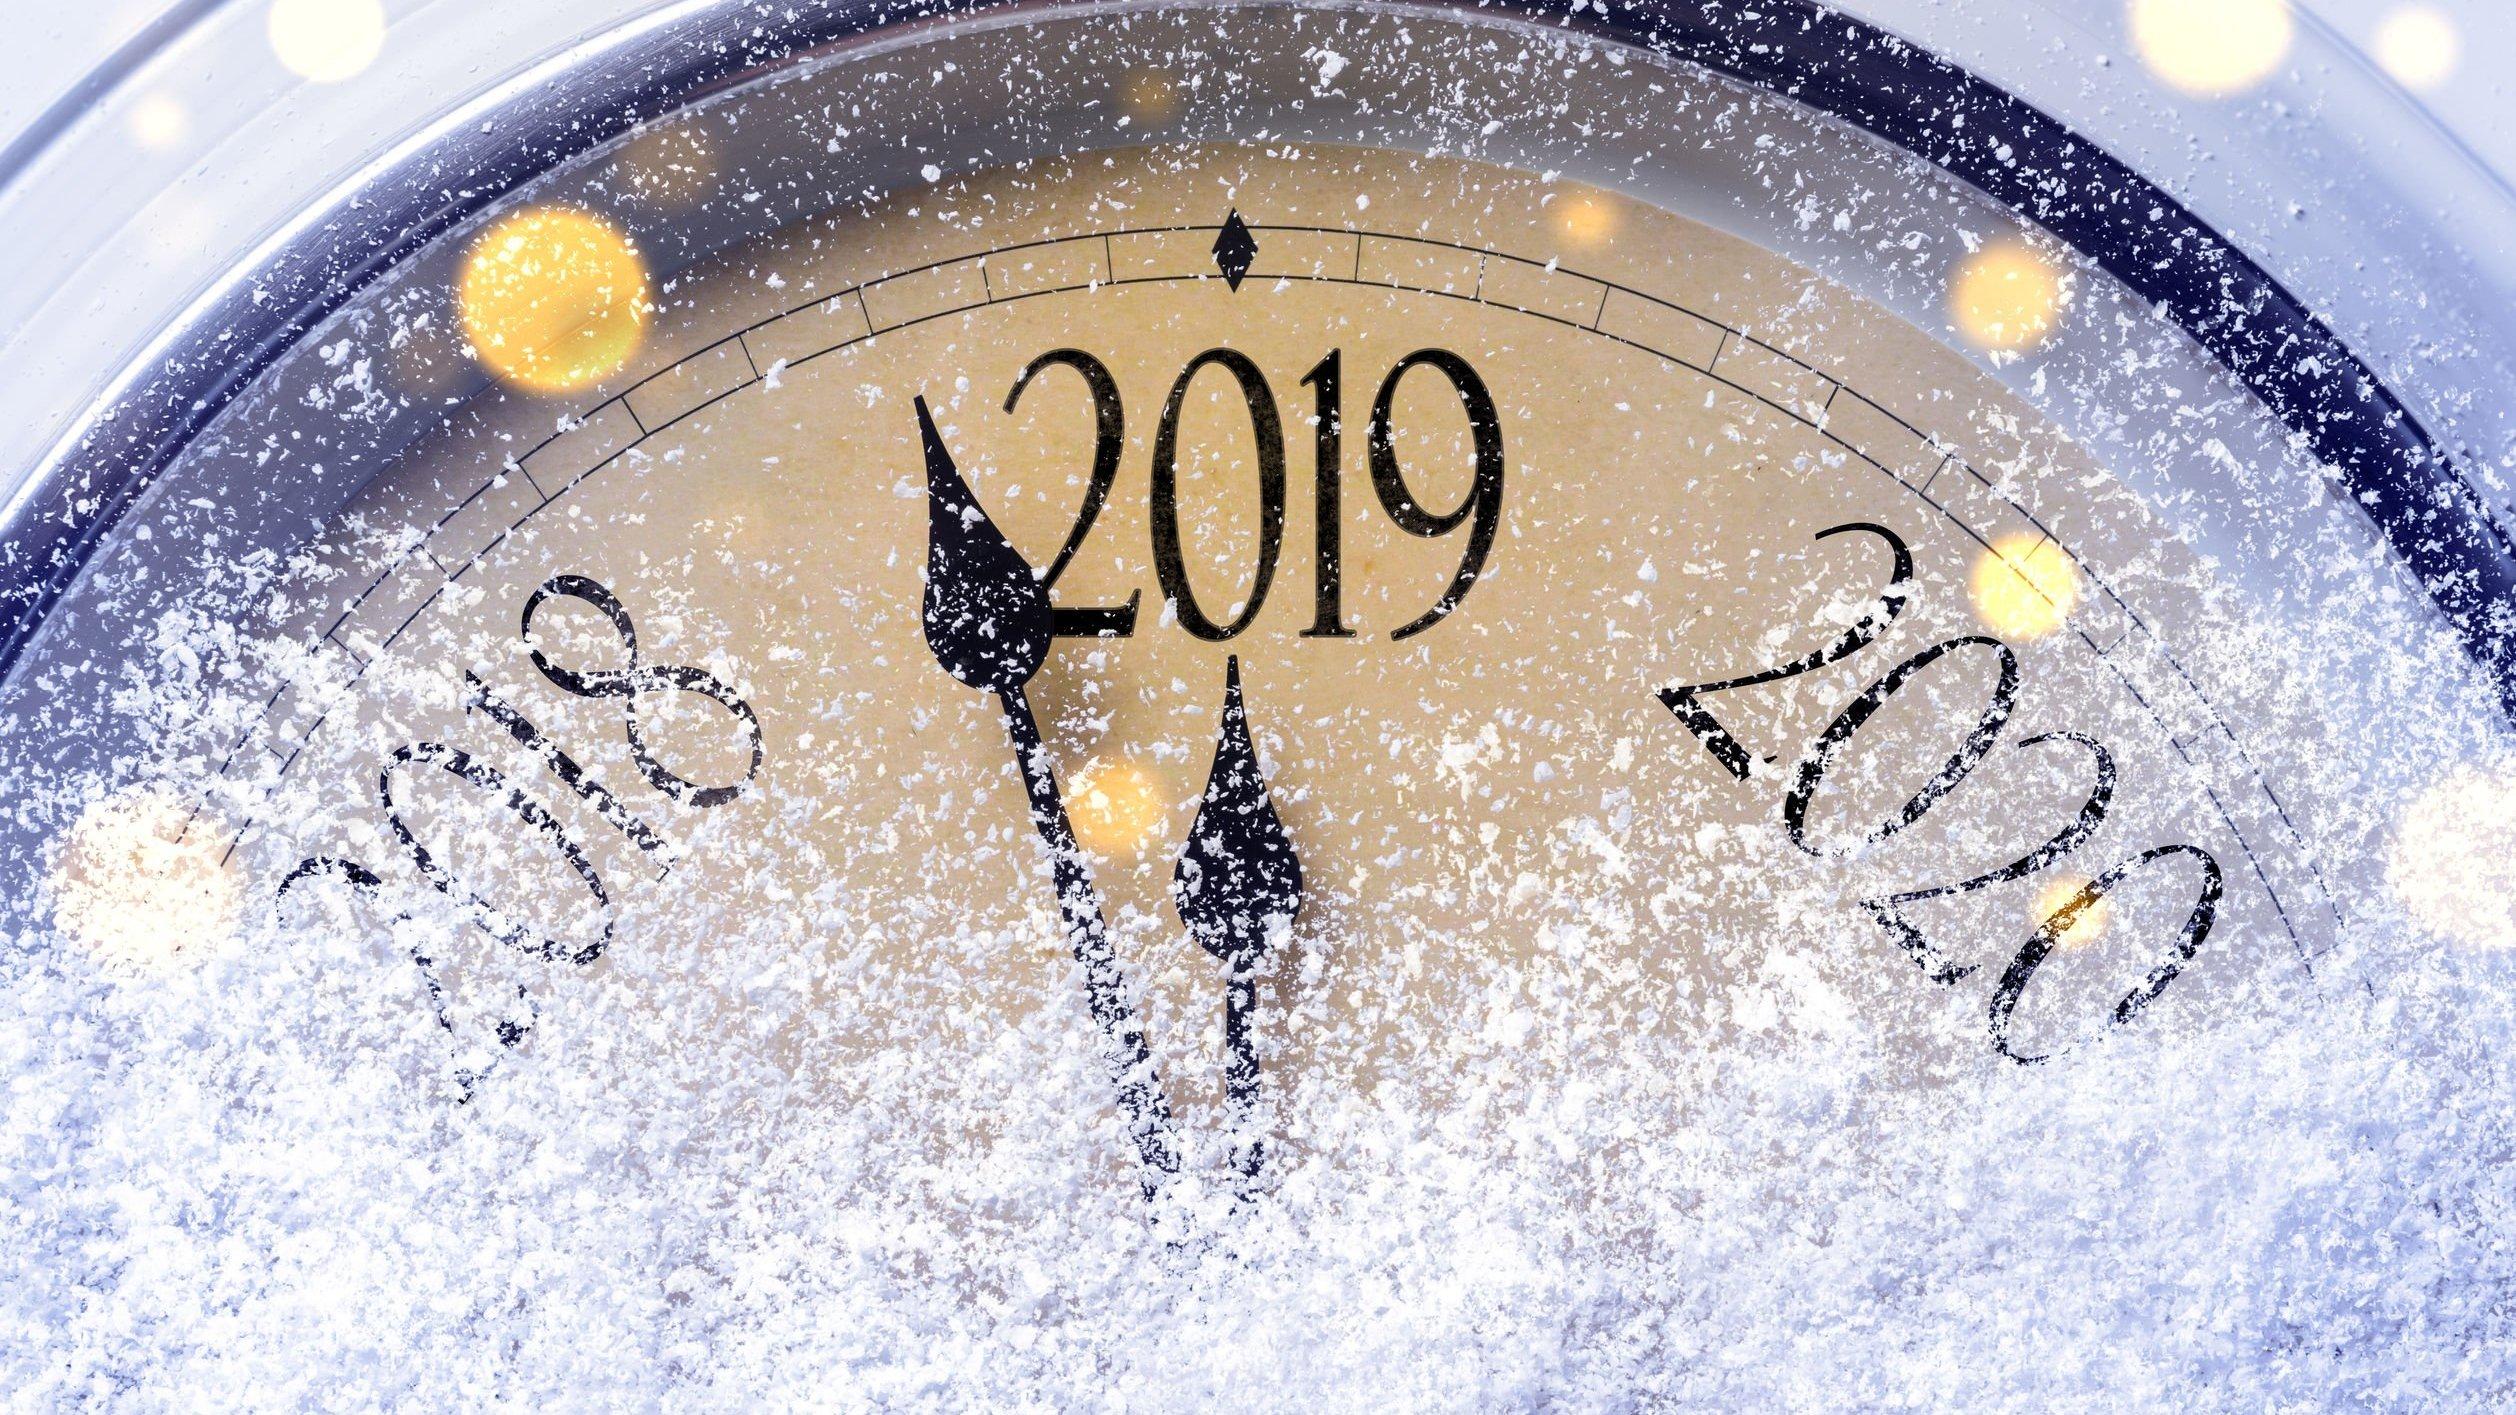 Relógio coberto de neve com o ponteiro indicando o ano de 2019.